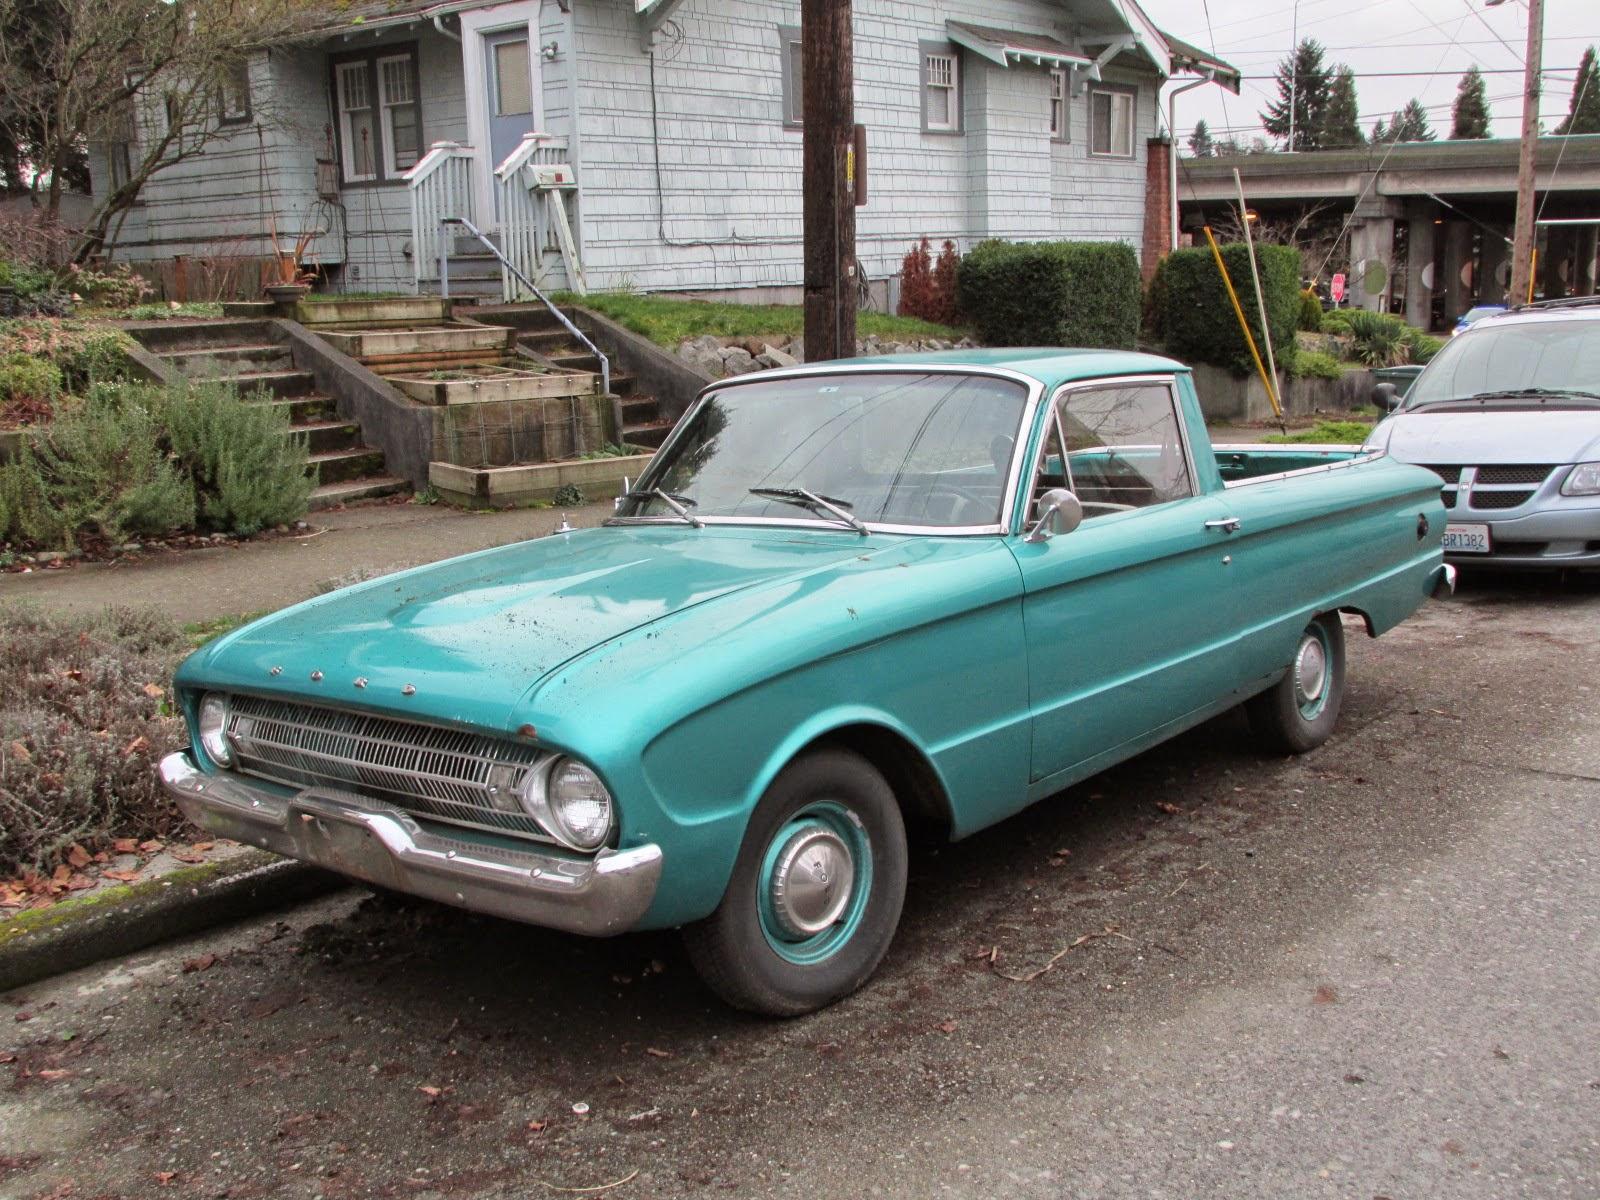 Seattle's Classics: 1961 Ford Falcon Ranchero